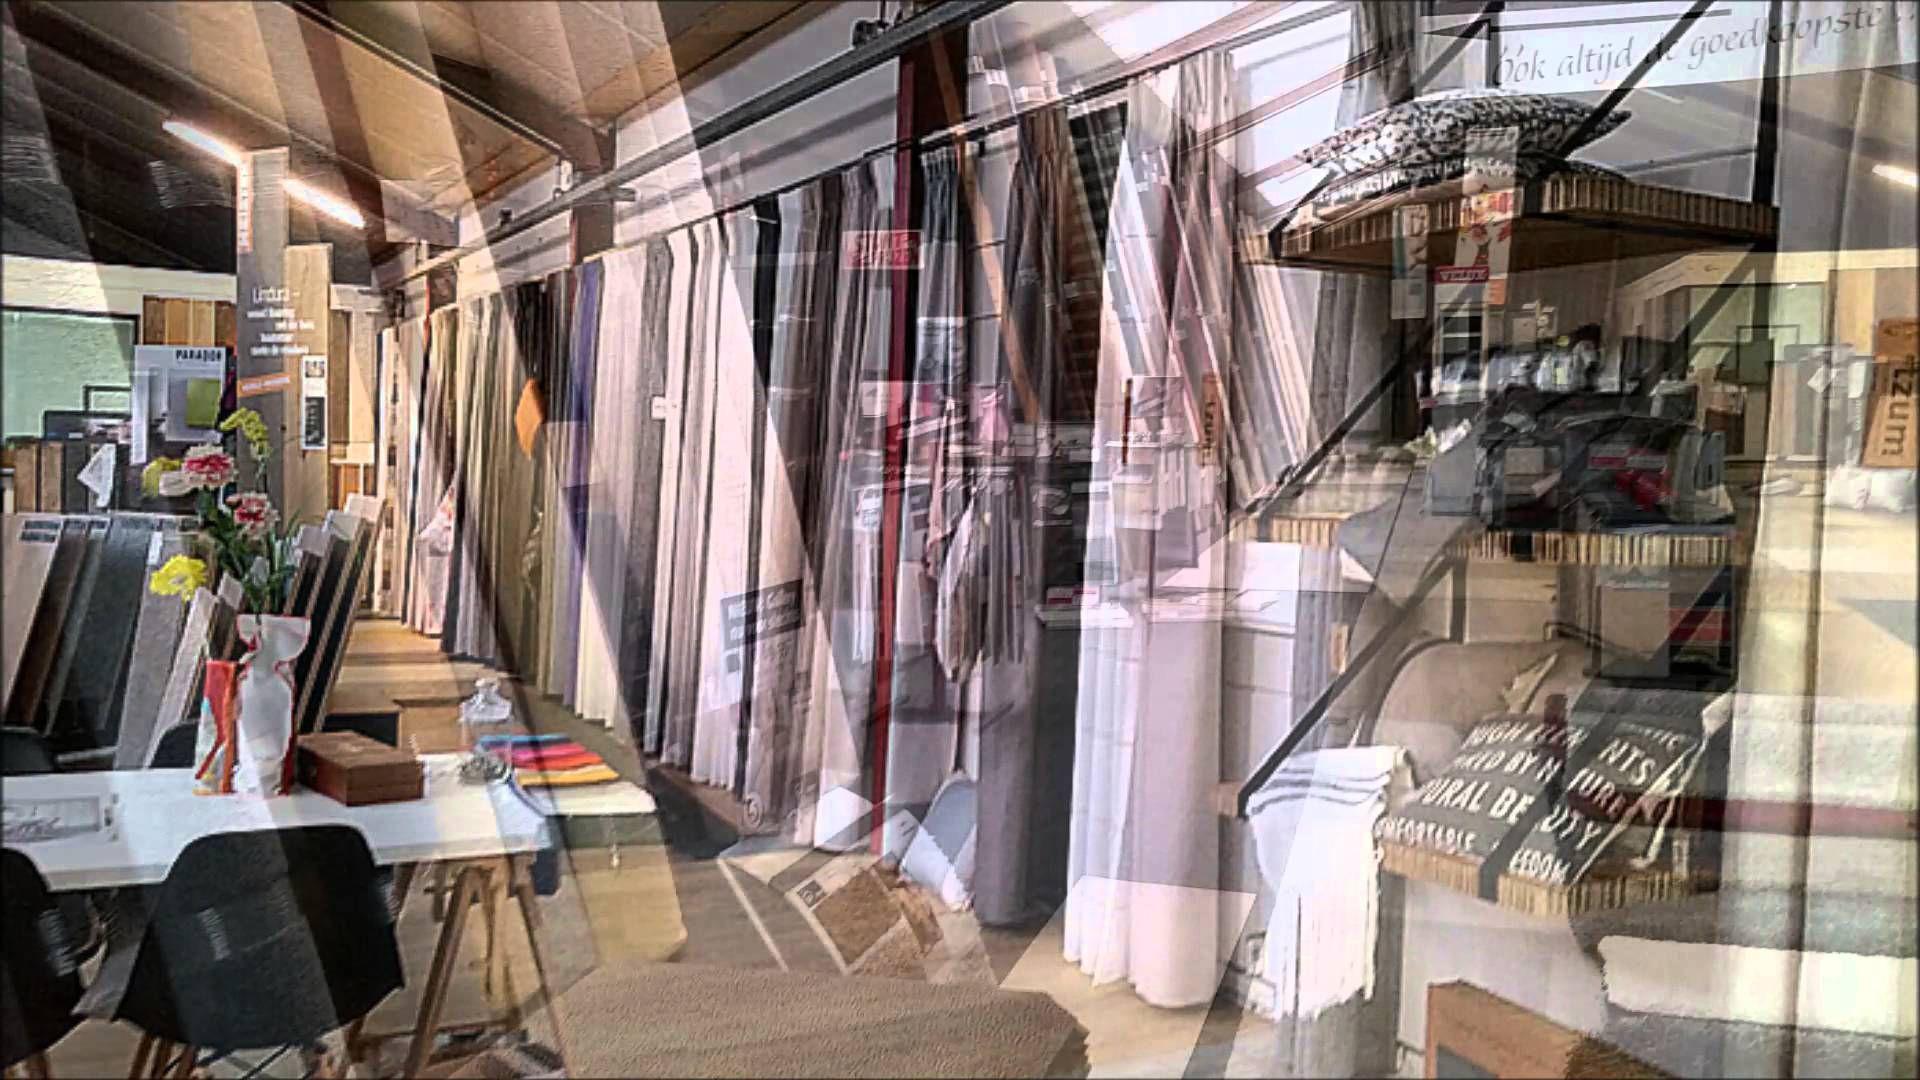 Tapijt Laminaat Direct : Een kijkje in de winkel van tapijt en laminaat direct laminaat